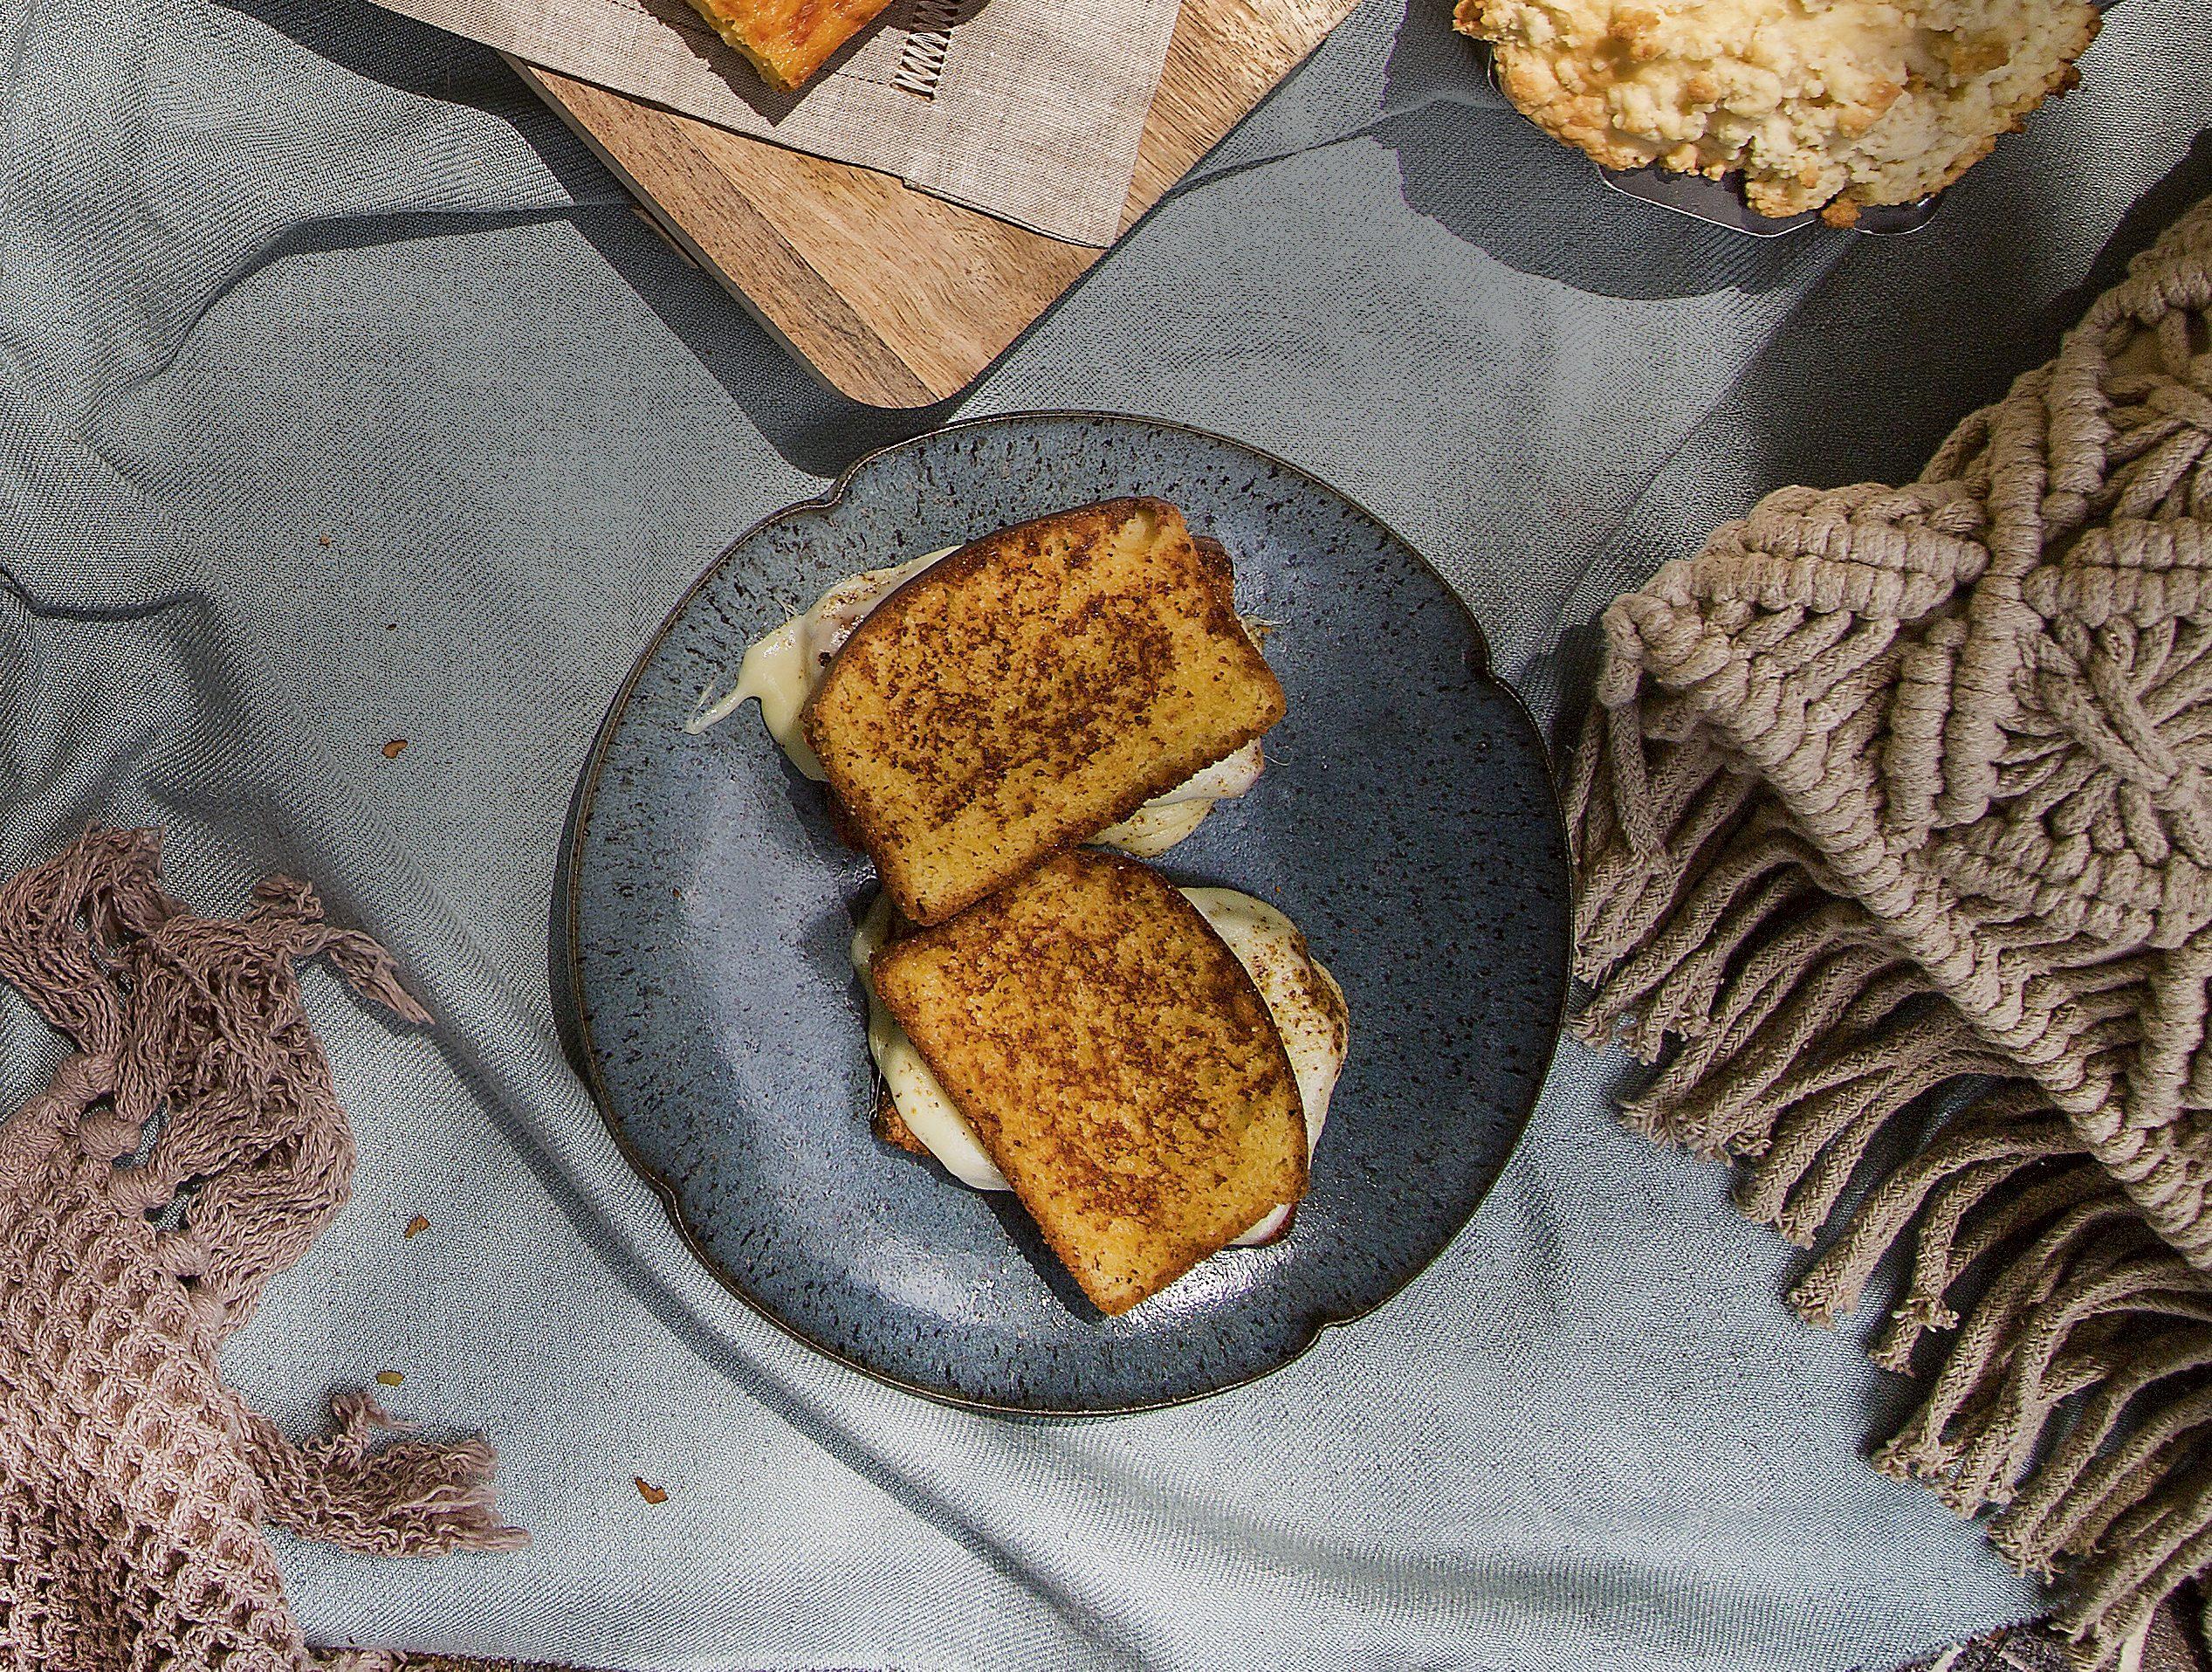 Pão de milho recheado com queijo da Canastra - Sabores do Brasil - Café da manhã